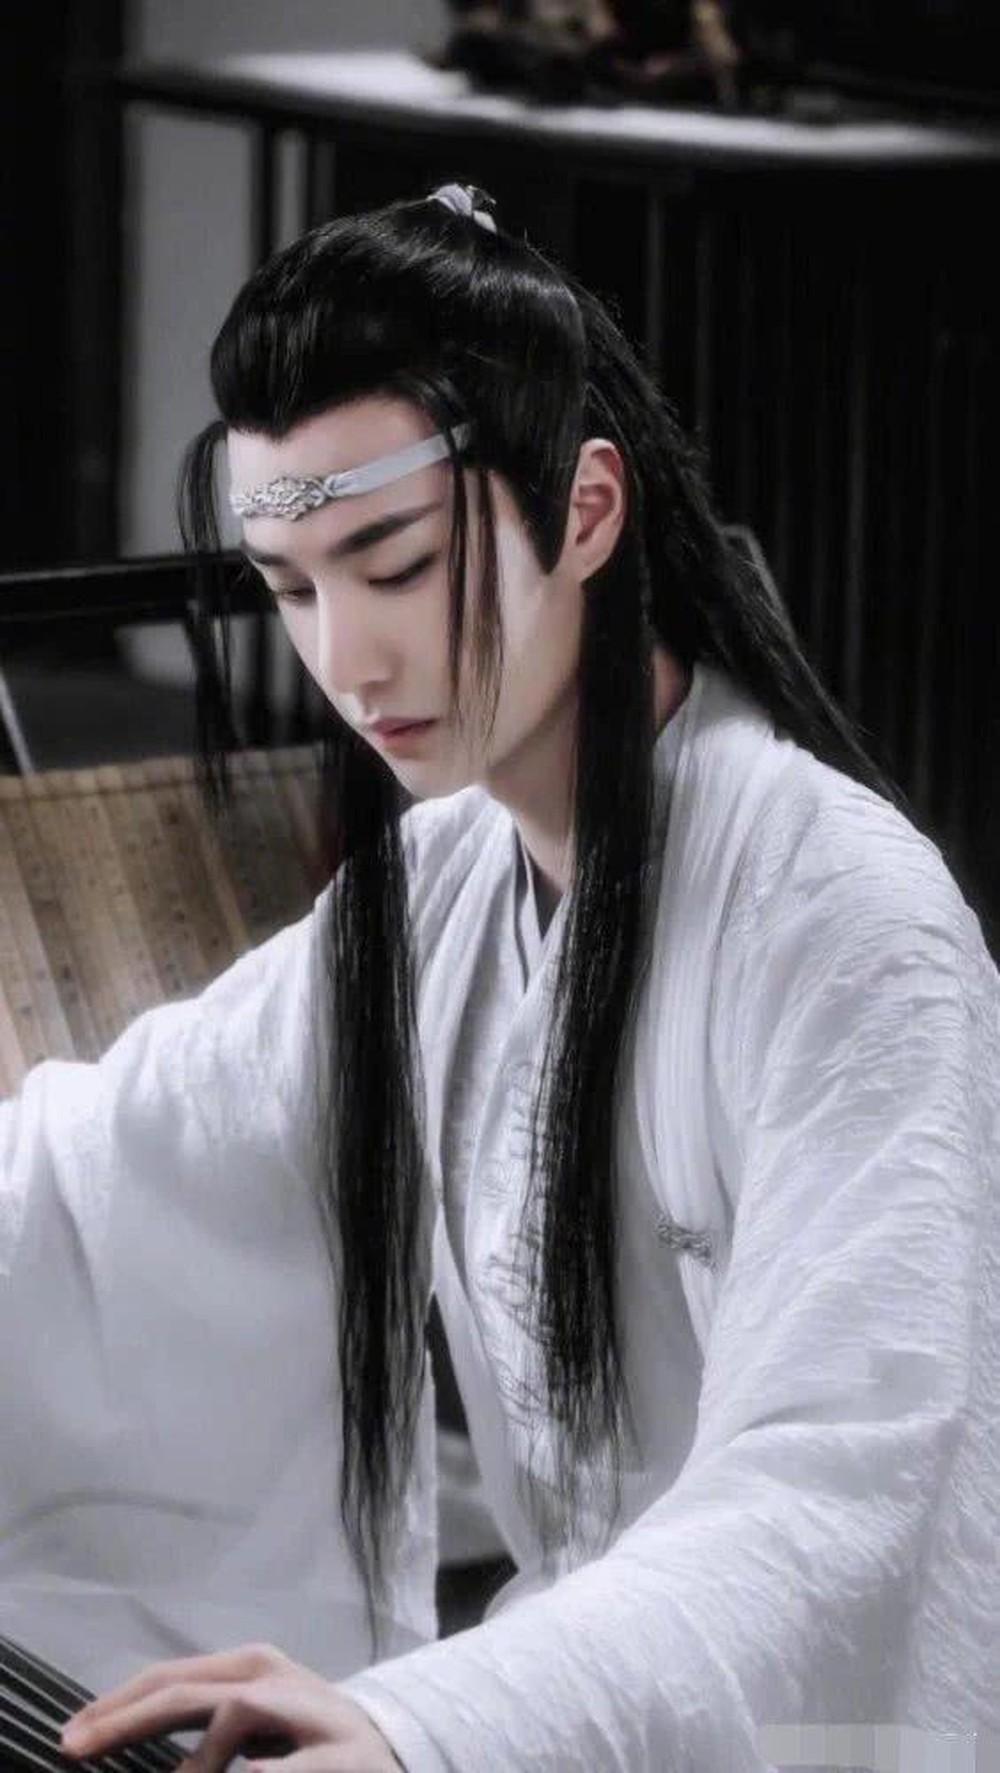 Những mỹ nam Hoa ngữ có tạo hình cổ trang đẹp 'hút hồn', khiến khán giả 'yêu từ cái nhìn đầu tiên' - Ảnh 6